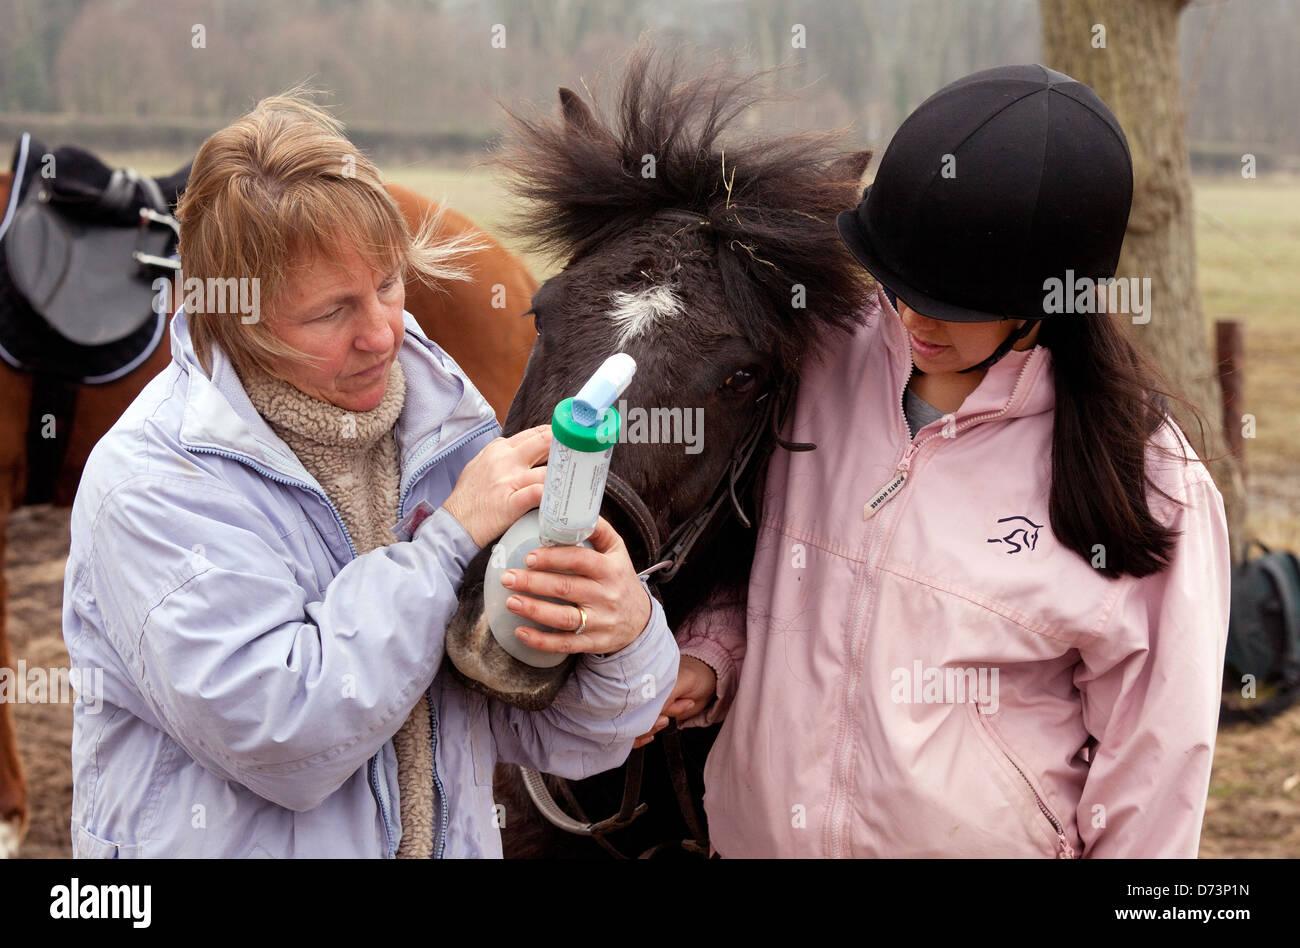 Un propriétaire de donner son cheval un inhalateur d'asthme médicaments pour traitement, UK Photo Stock